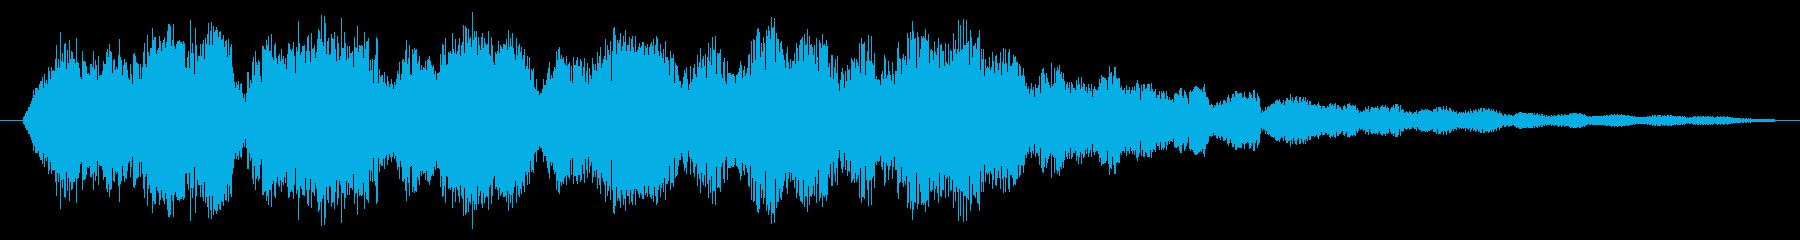 パッド SF不思議な惑星08の再生済みの波形